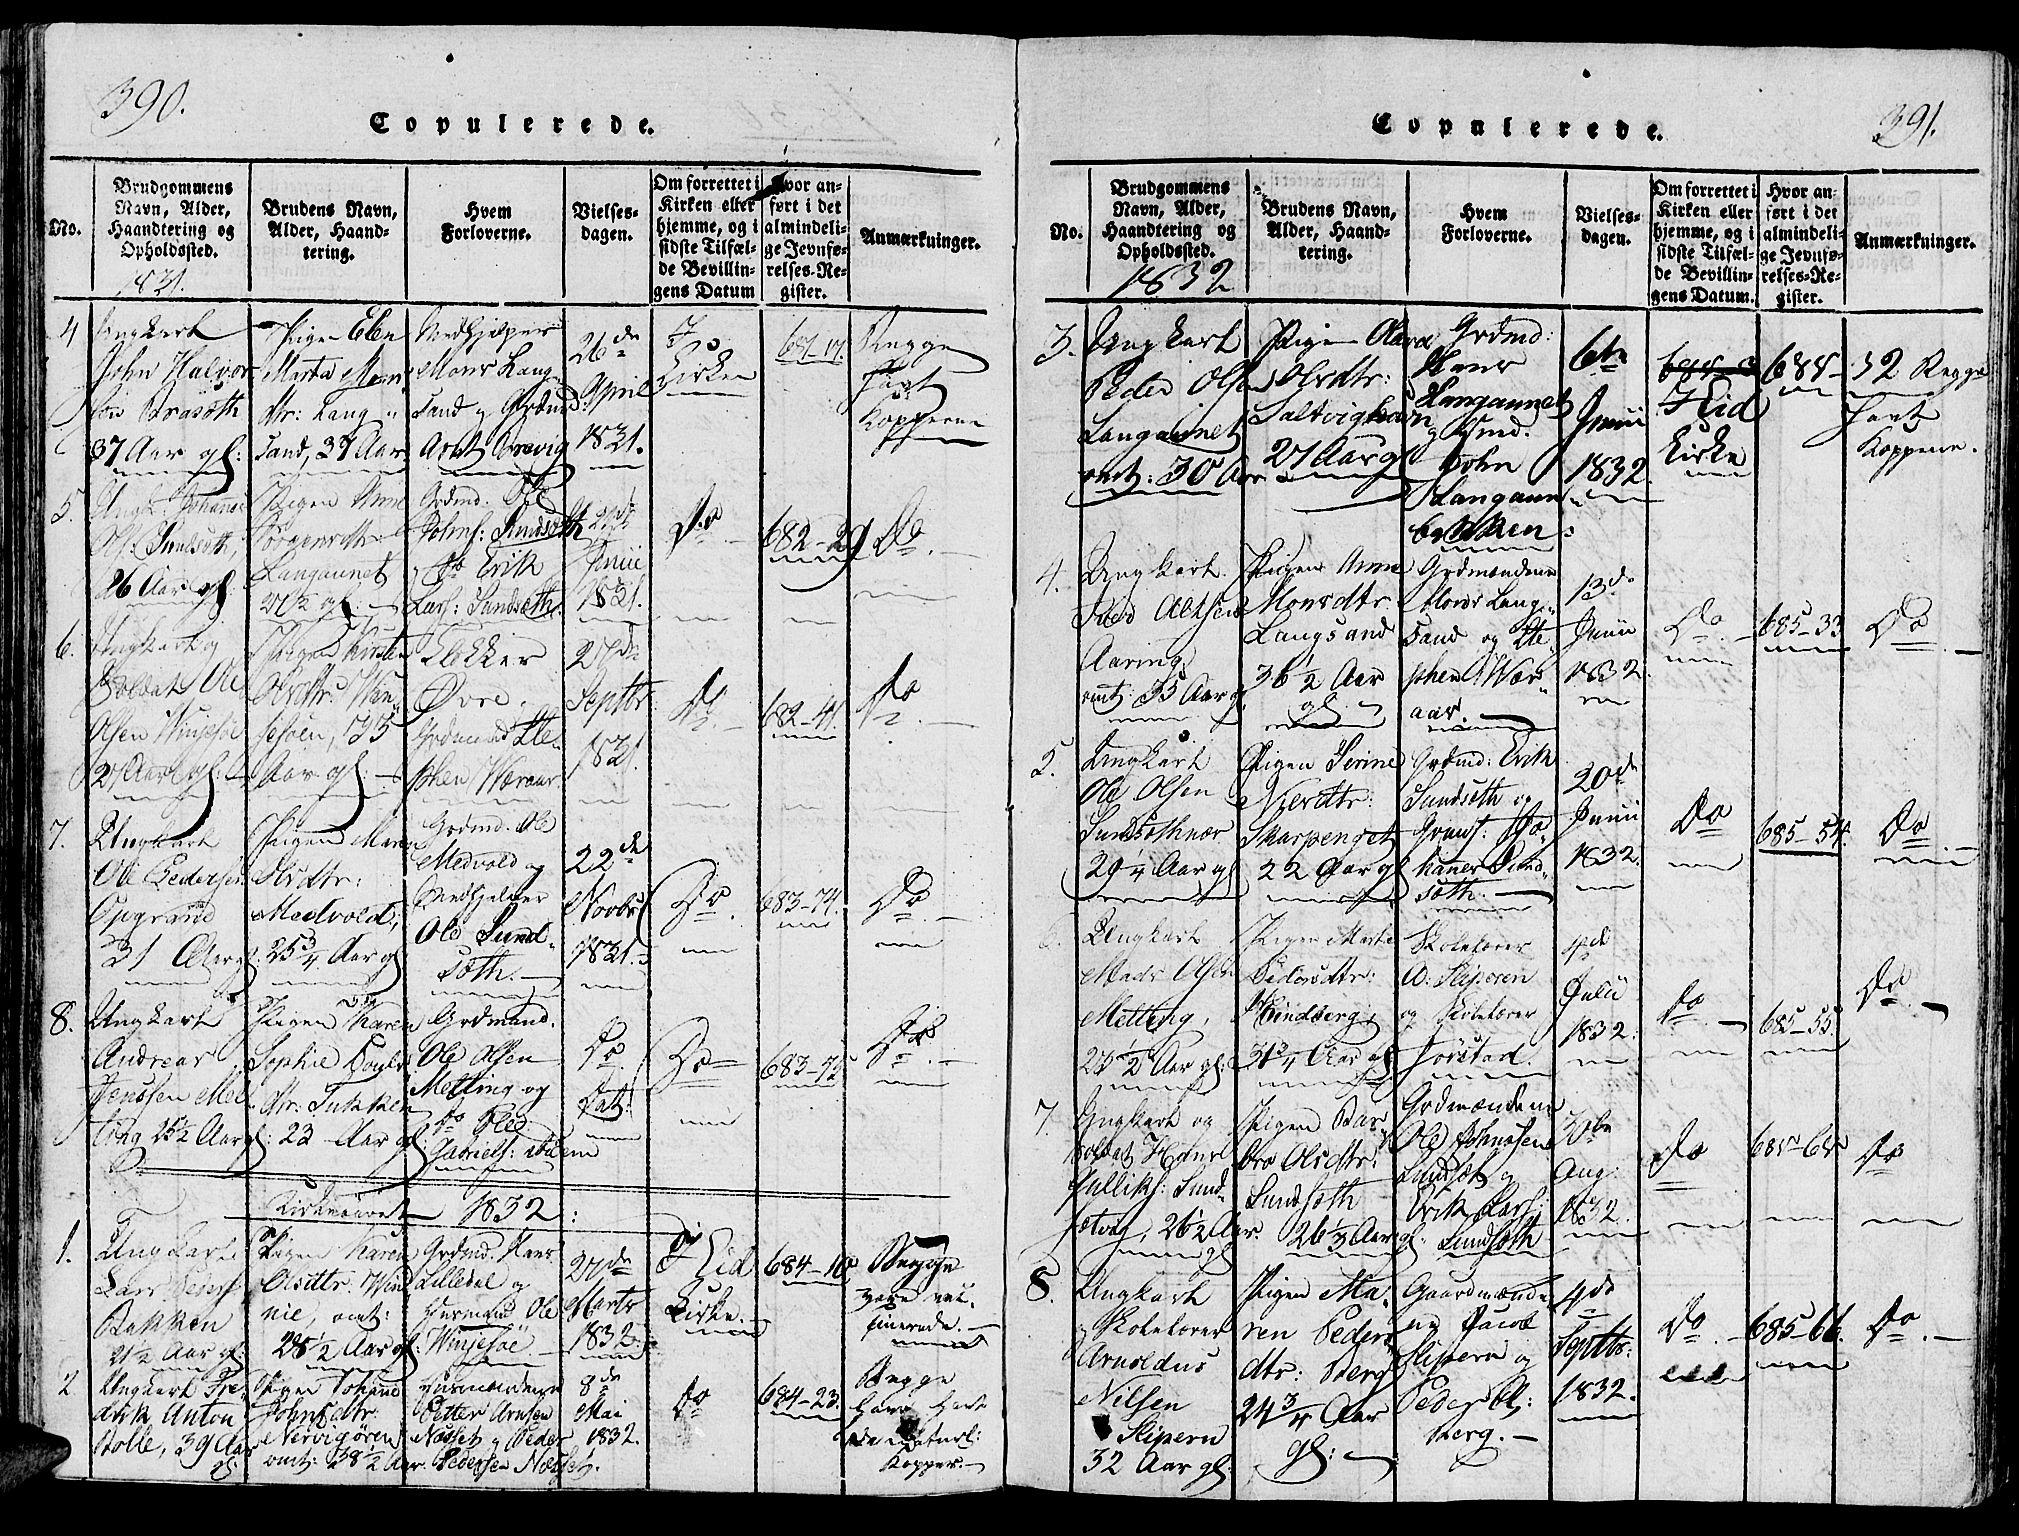 SAT, Ministerialprotokoller, klokkerbøker og fødselsregistre - Nord-Trøndelag, 733/L0322: Ministerialbok nr. 733A01, 1817-1842, s. 390-391